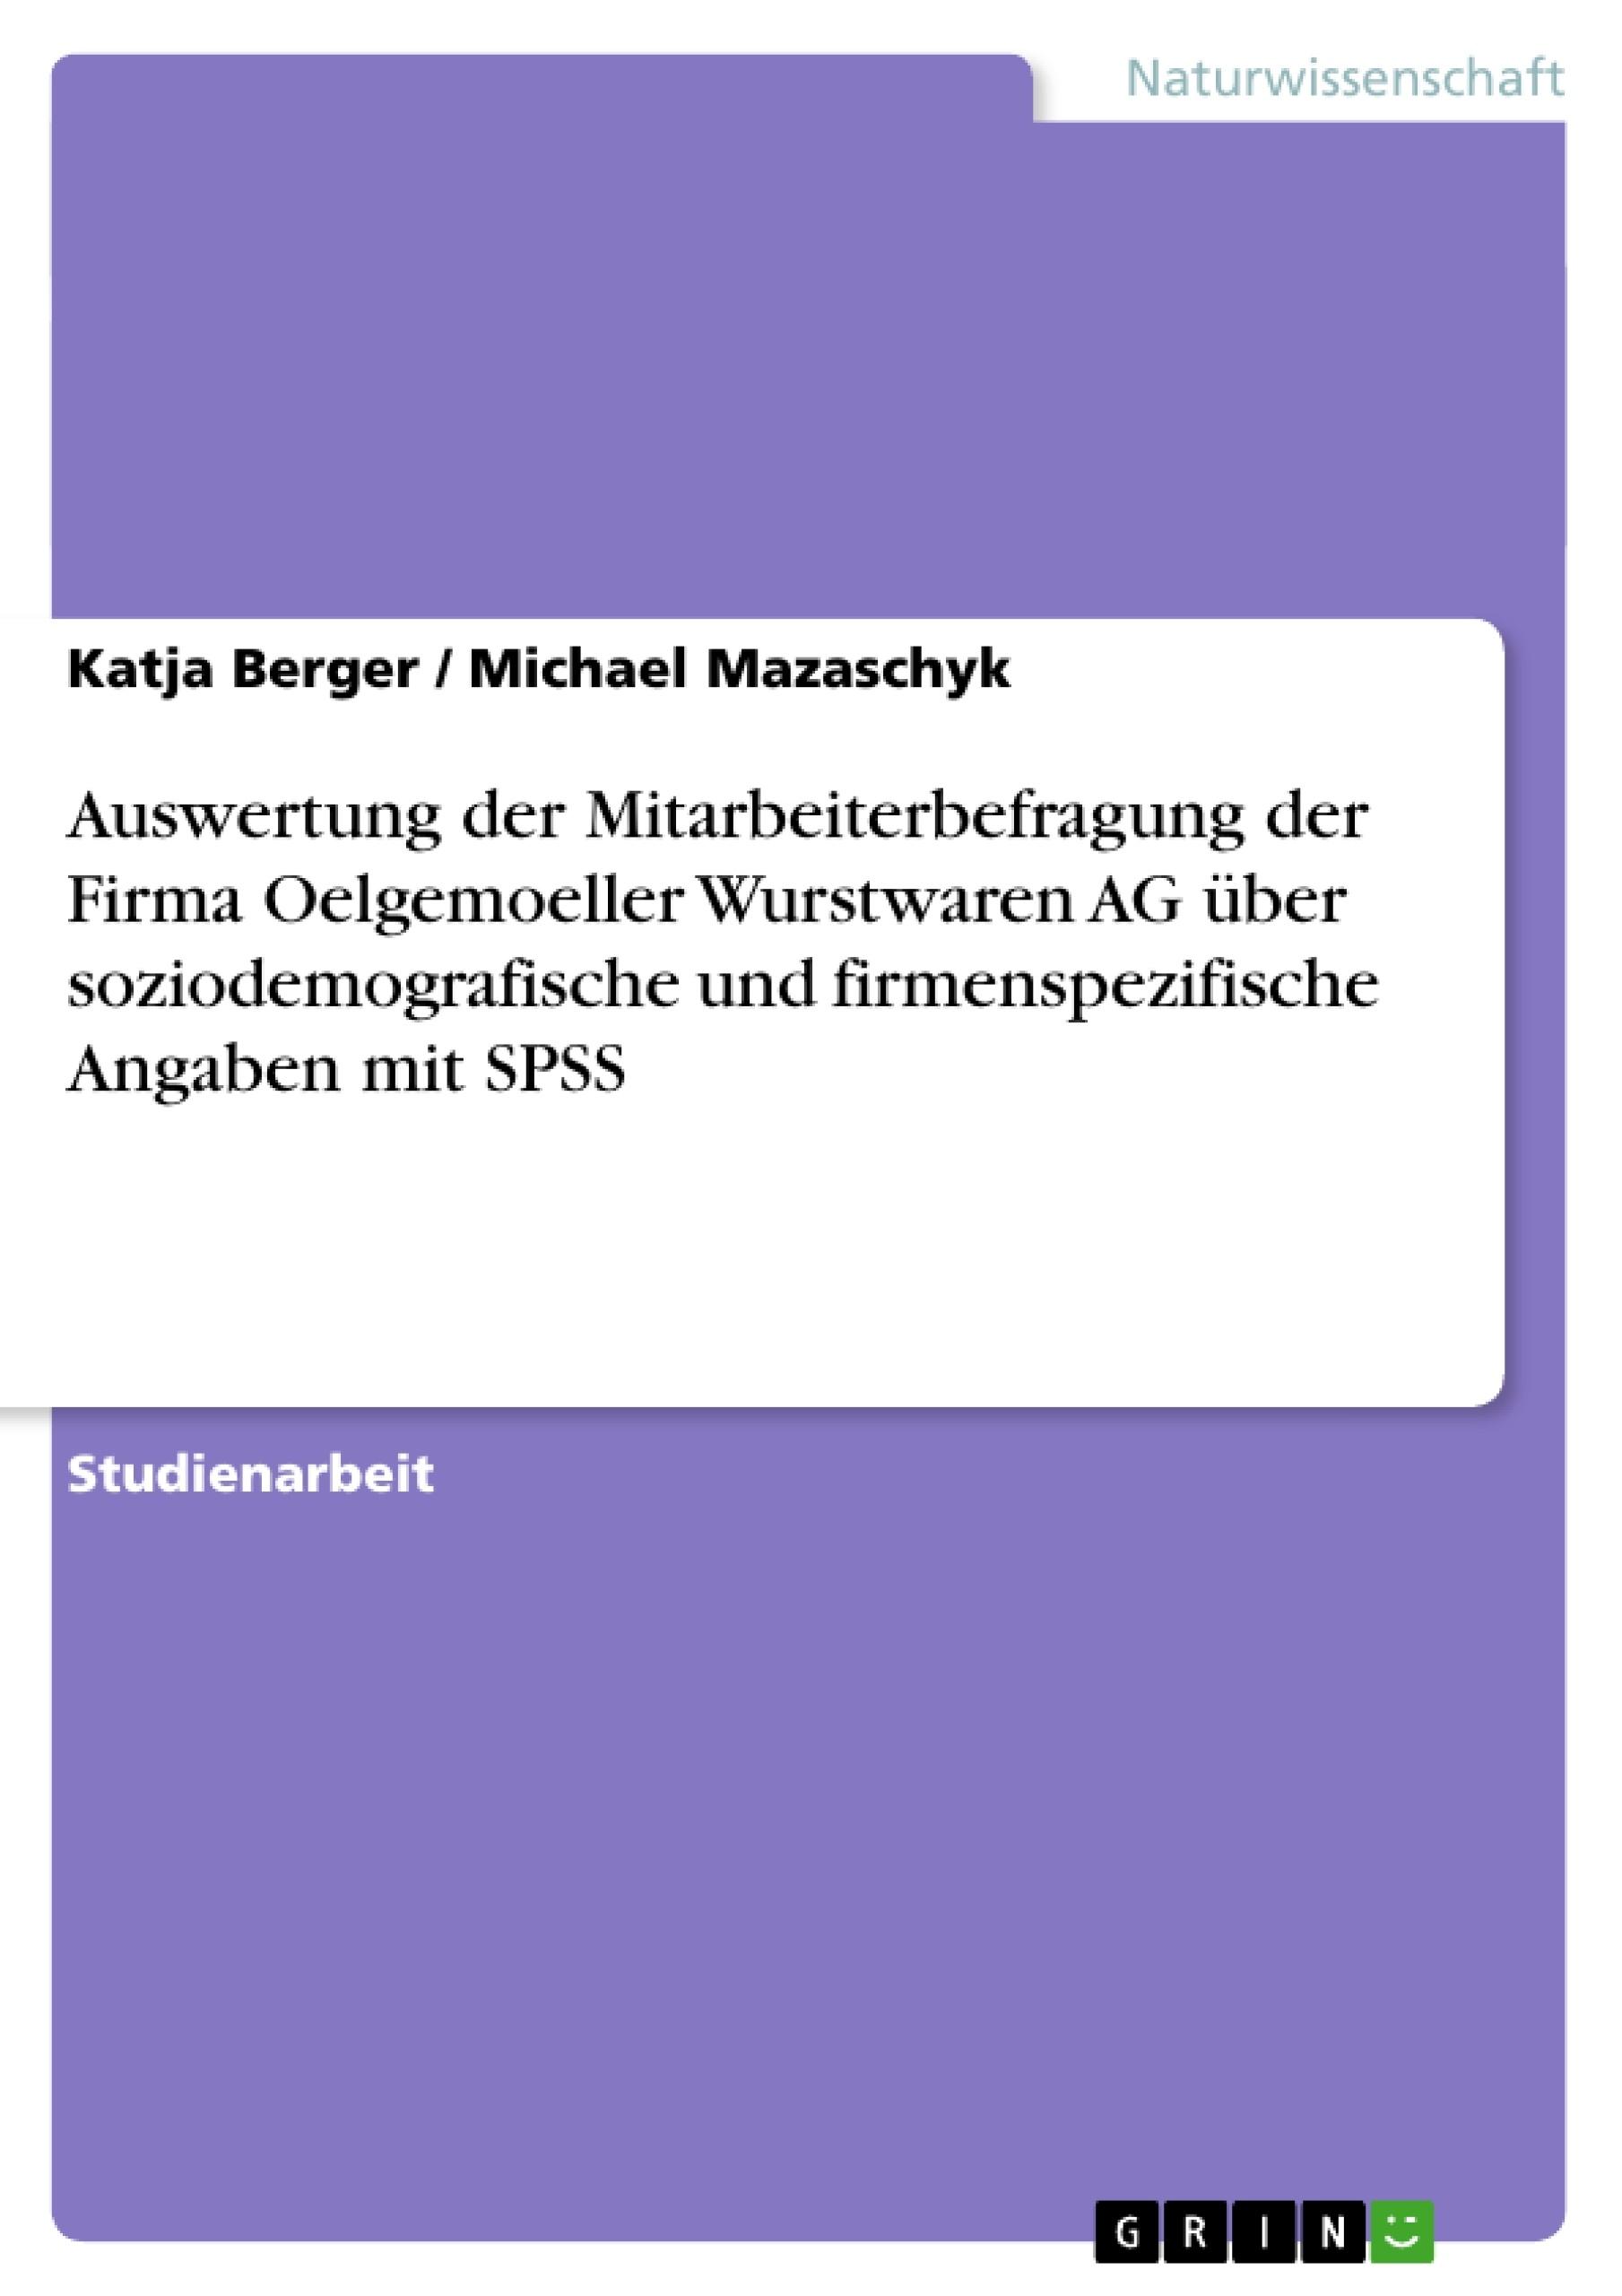 Titel: Auswertung der Mitarbeiterbefragung der Firma Oelgemoeller Wurstwaren AG über soziodemografische und firmenspezifische Angaben mit SPSS